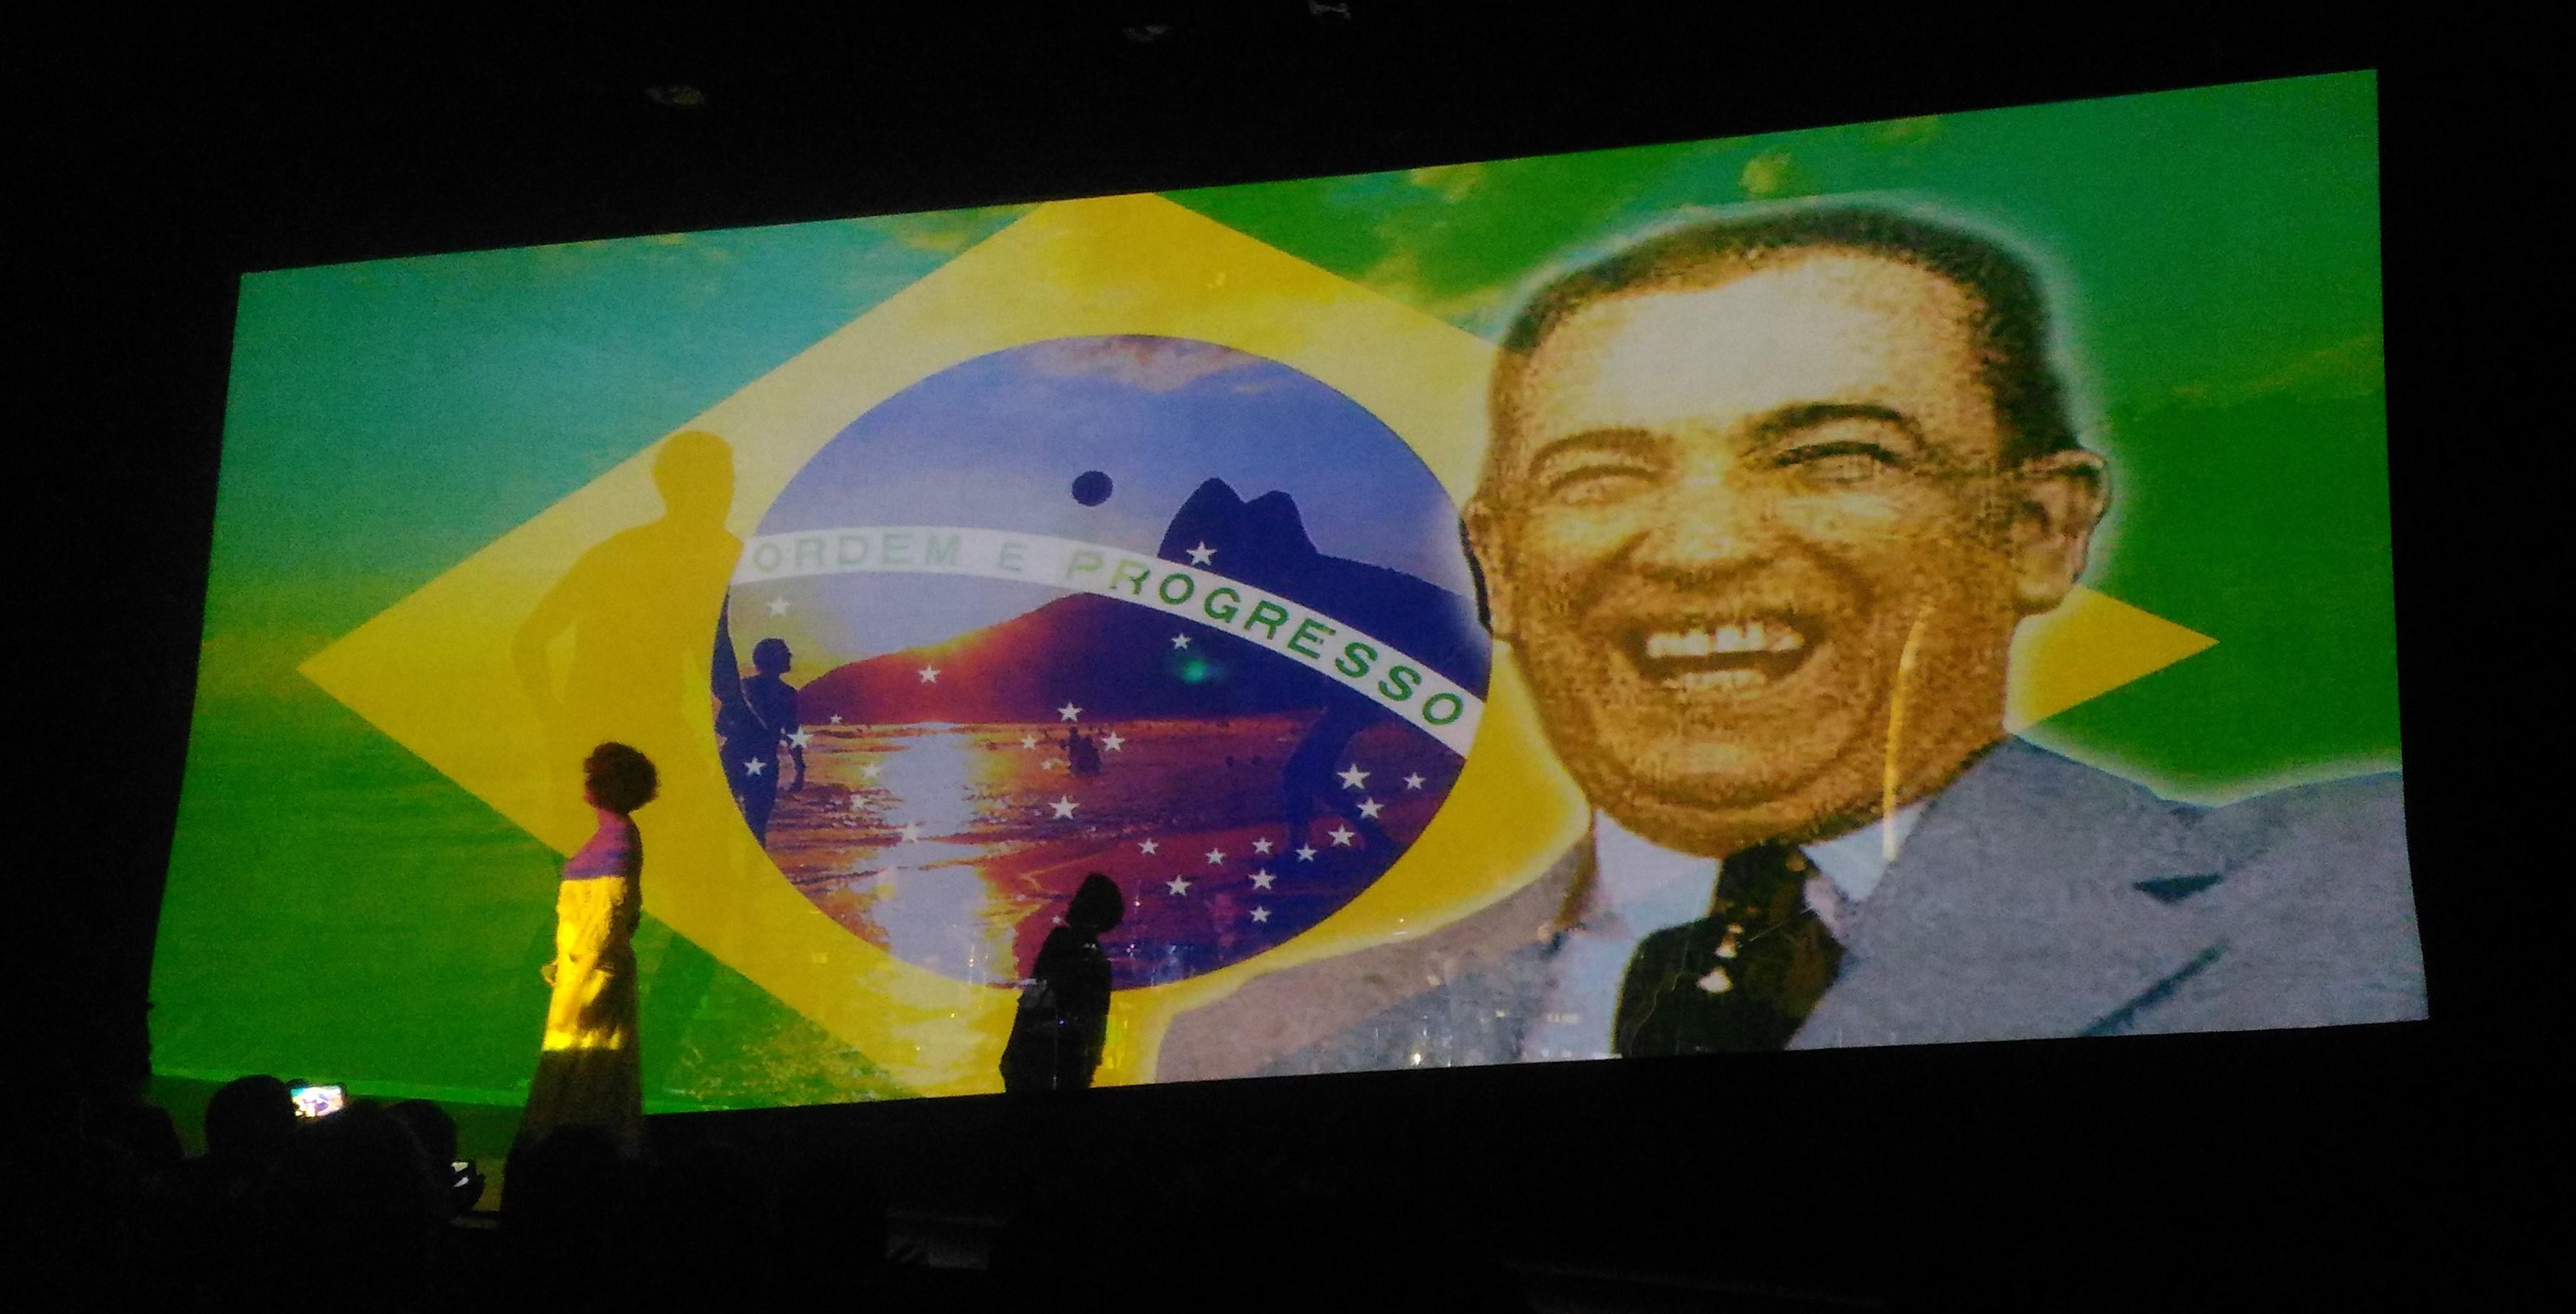 É por isso que a Fundação Brasil Meu Amor idealizou o Espetáculo JK: Um Reencontro com o Brasil, que mistura, em um só show, canções populares e autorais, projeções, jogos sonoros e de luz, citações e vídeos.